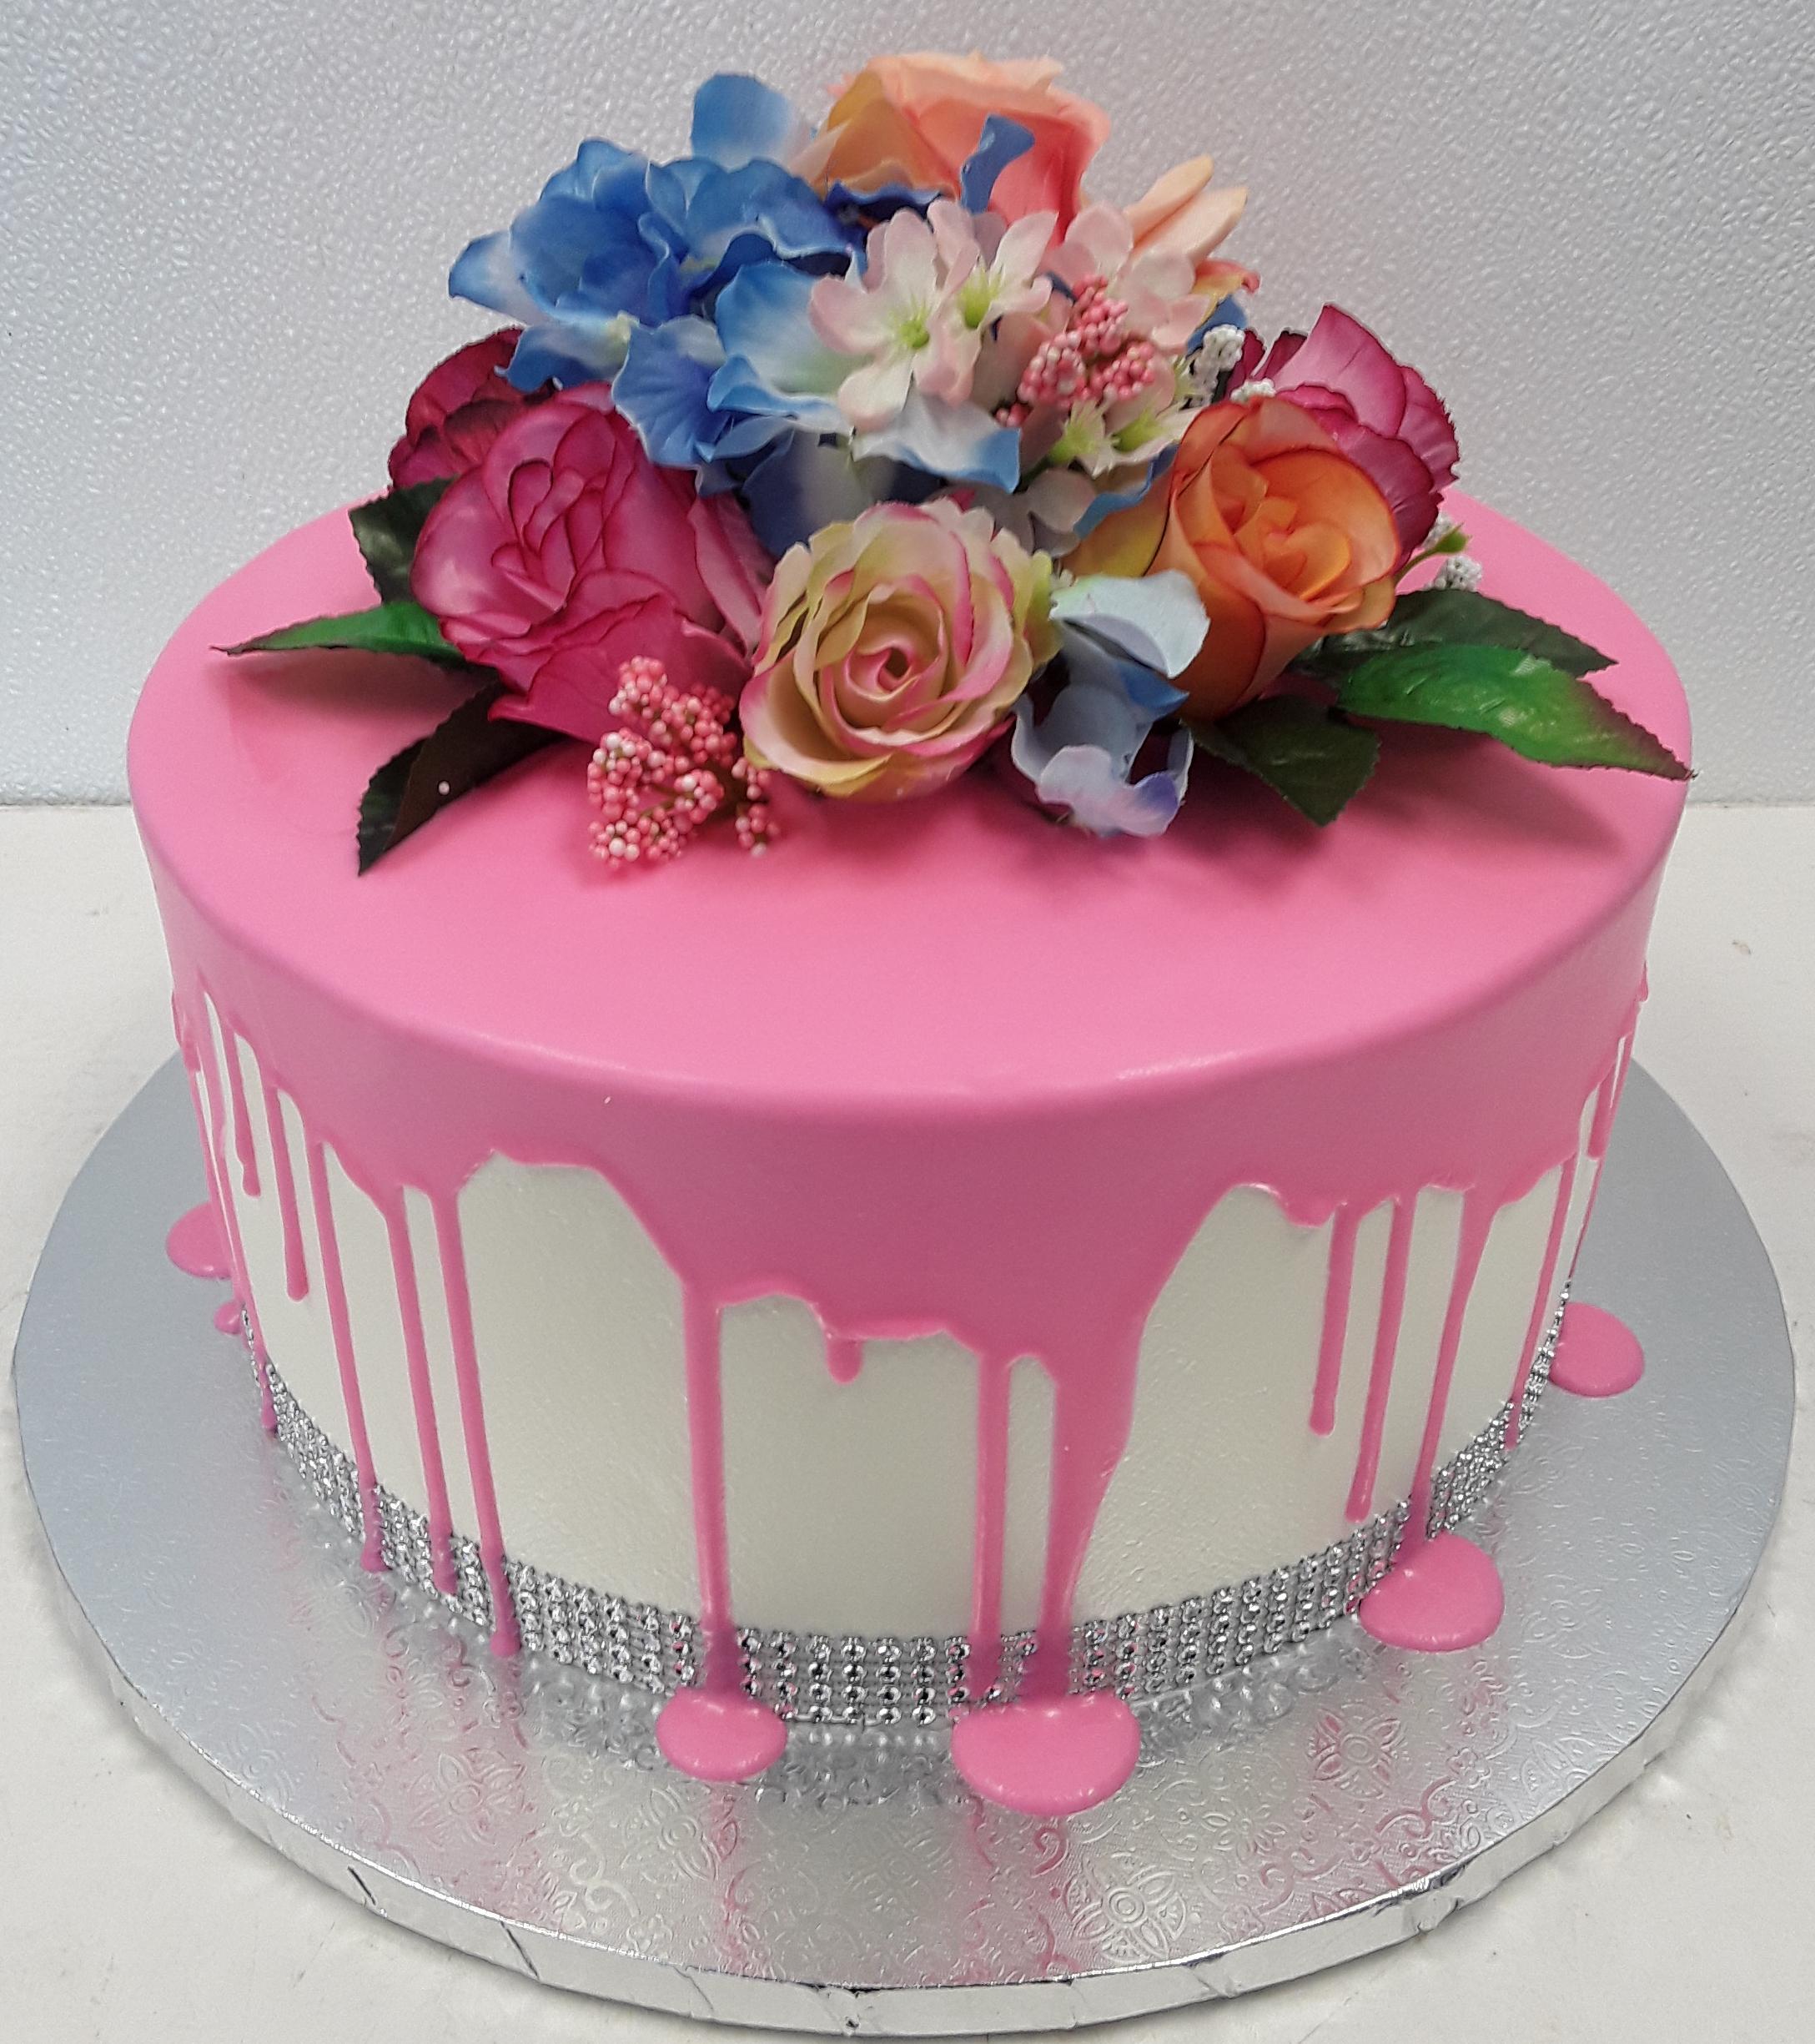 Drip cake, flowers, bling, girl